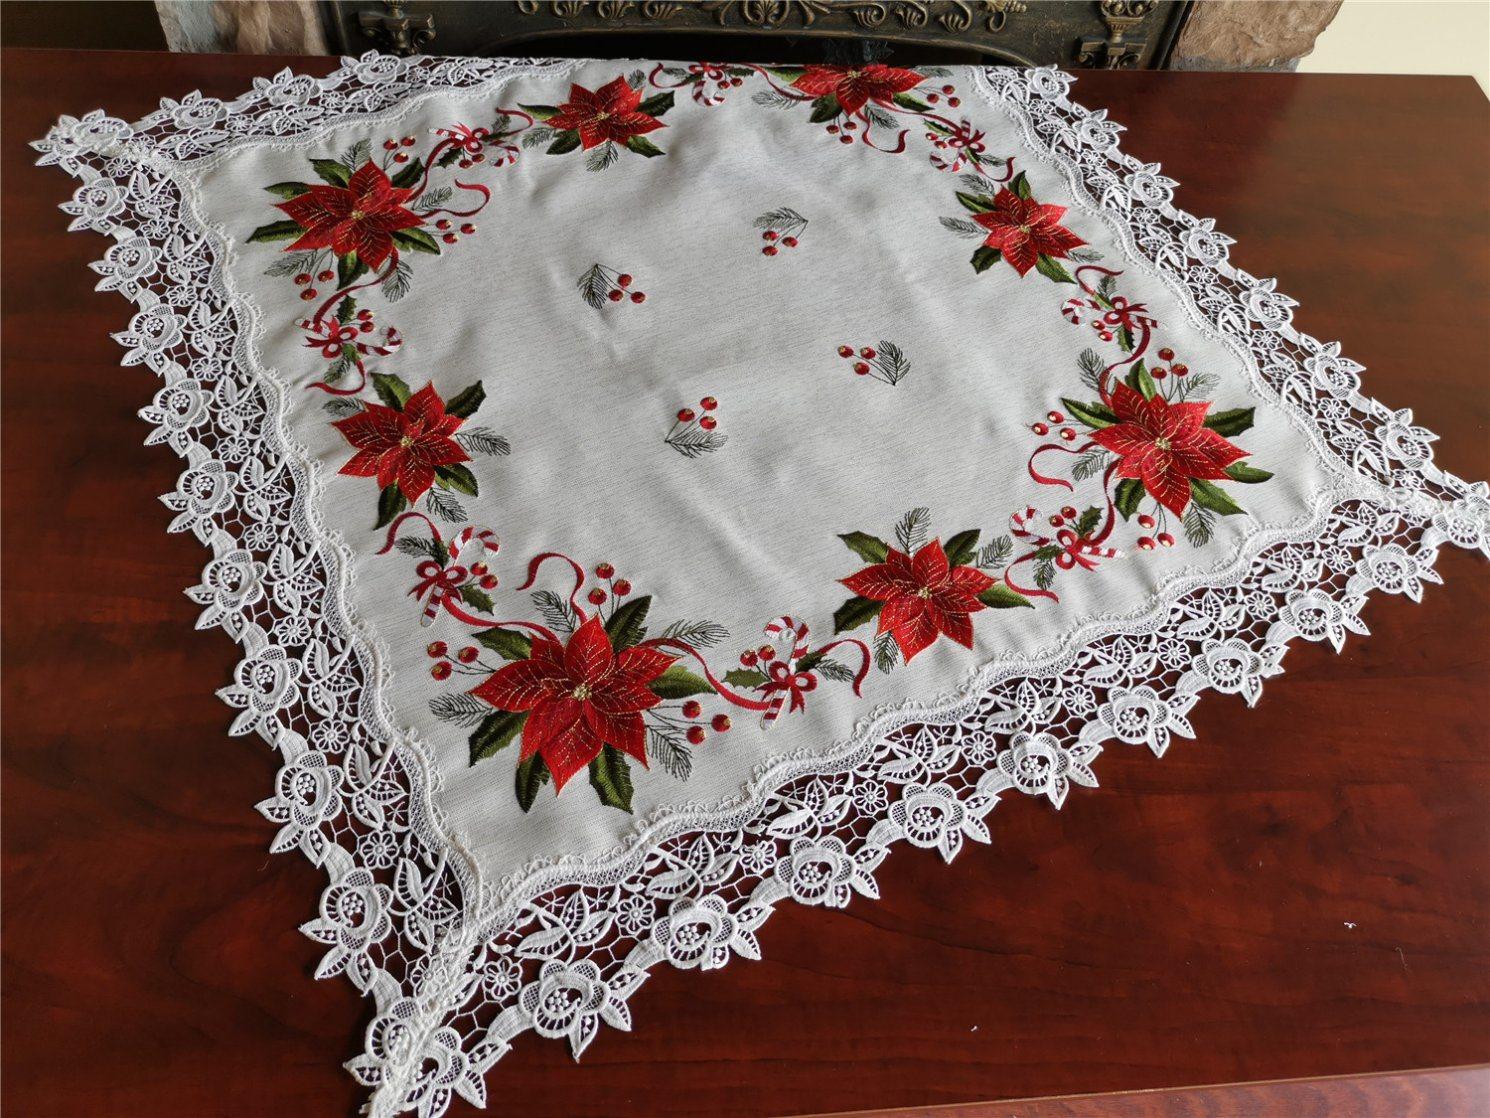 La moda Christams Poinsettia Mantel bordado de encaje